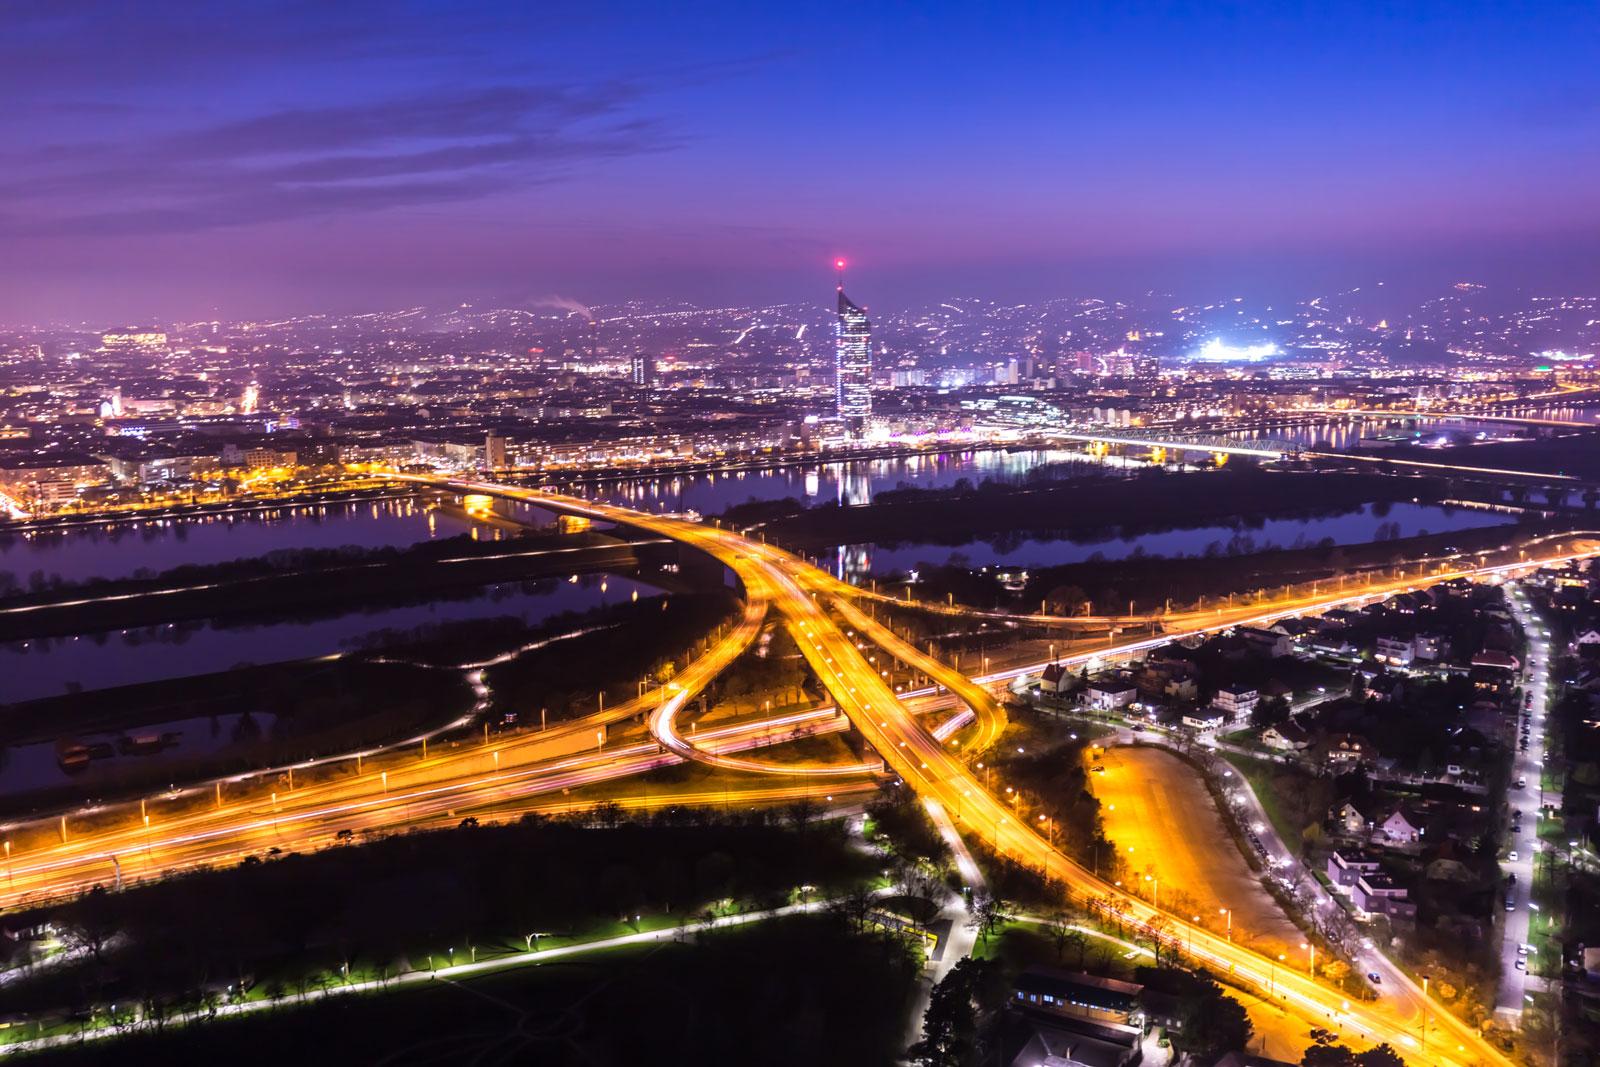 Wachsende Metropole: Wien arbeitet an attraktiven Alternativen zum Autoverkehr.